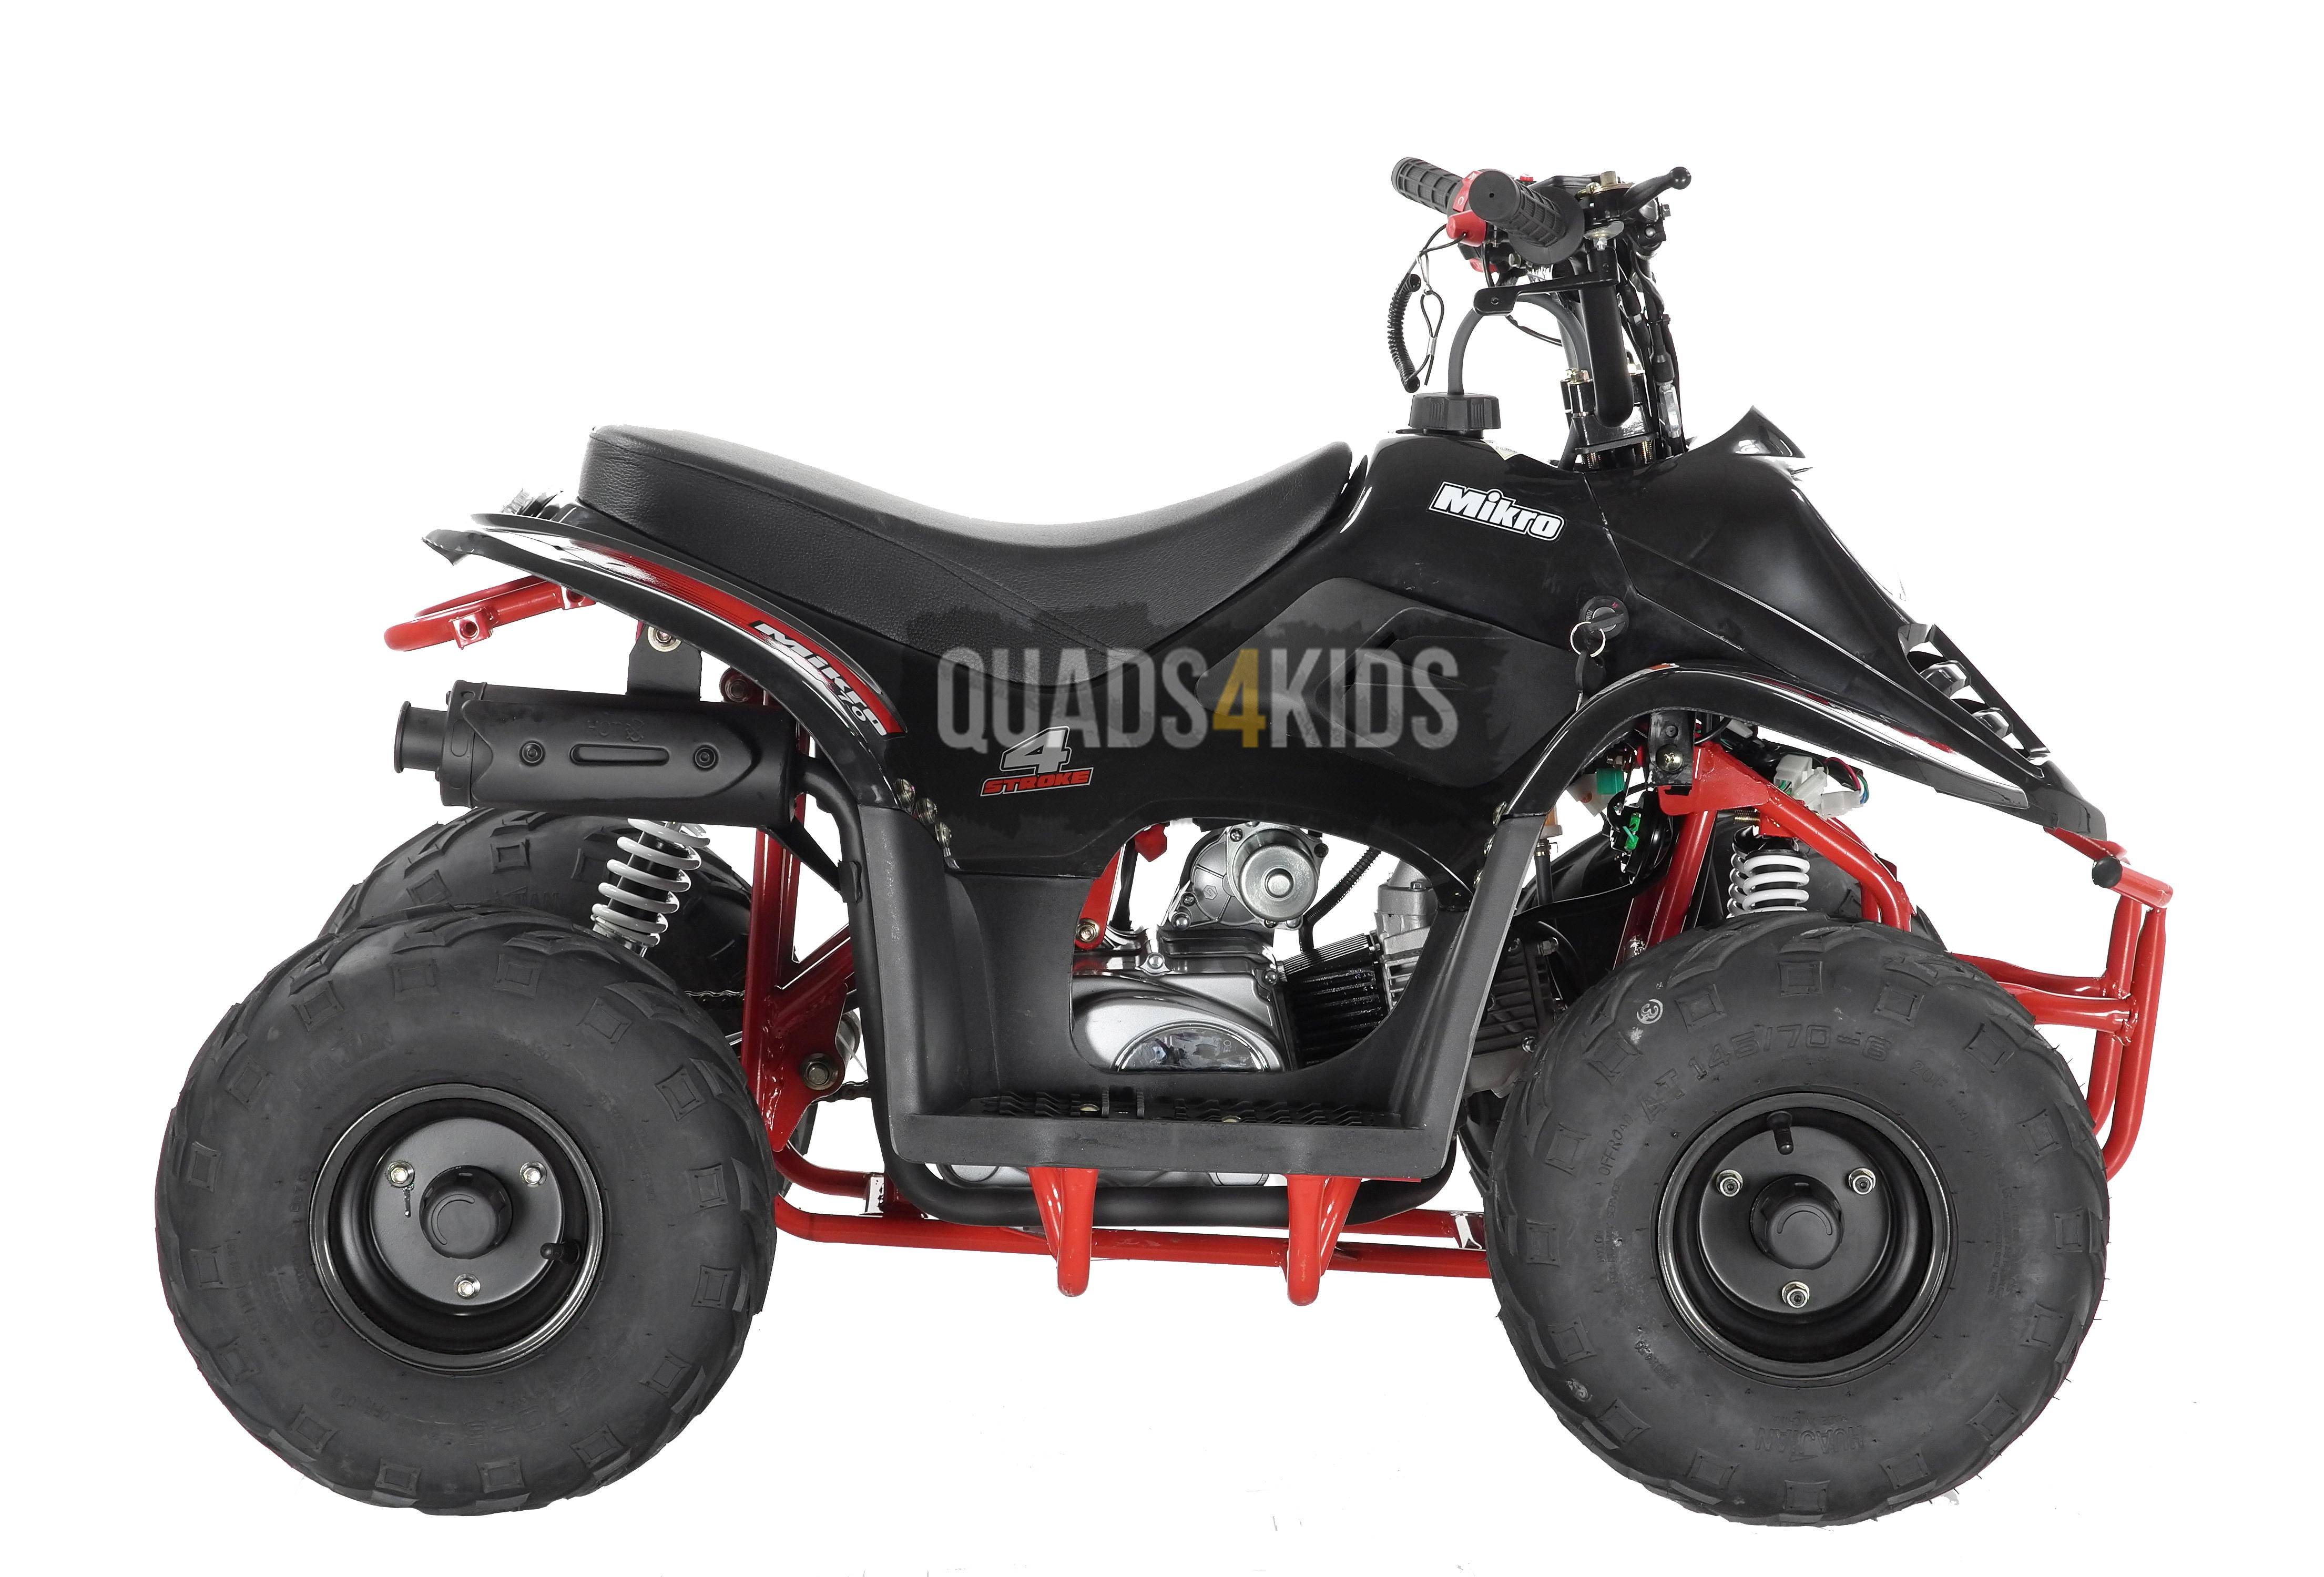 Orion Mikro 70cc Kids Quad Bike Black